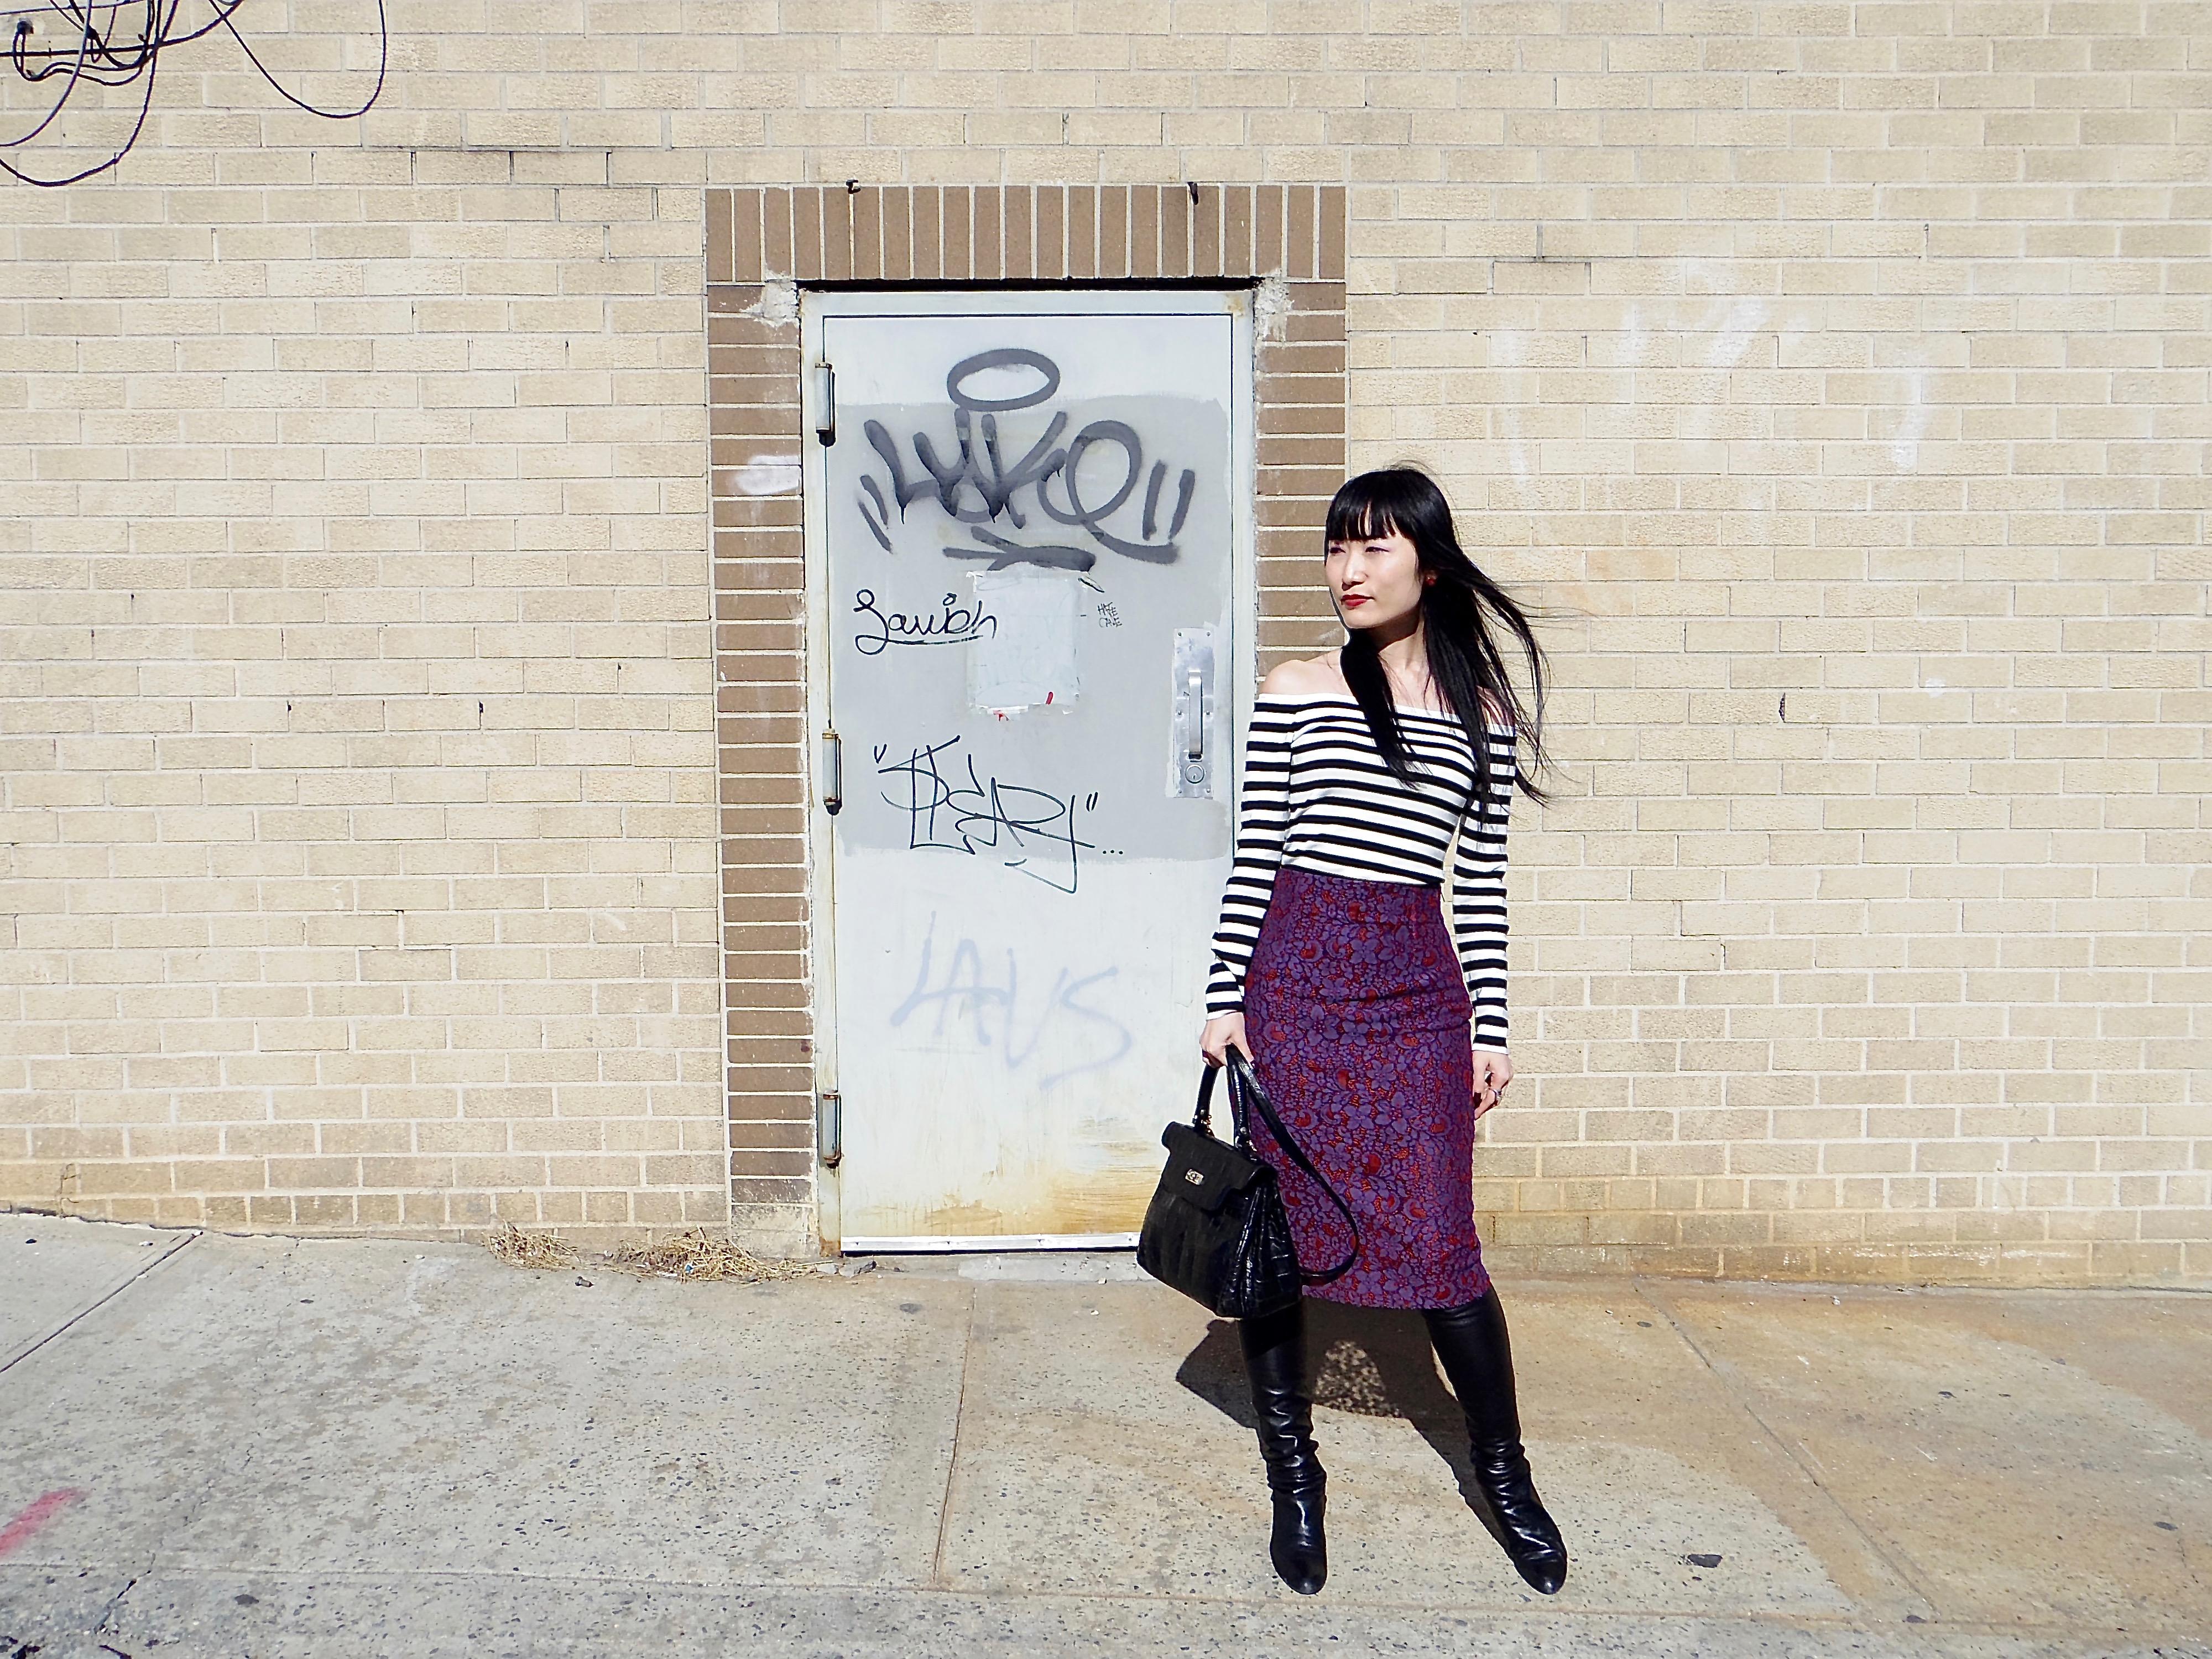 着たいものを着るべき -自画自賛できるスタイルの目指し方-